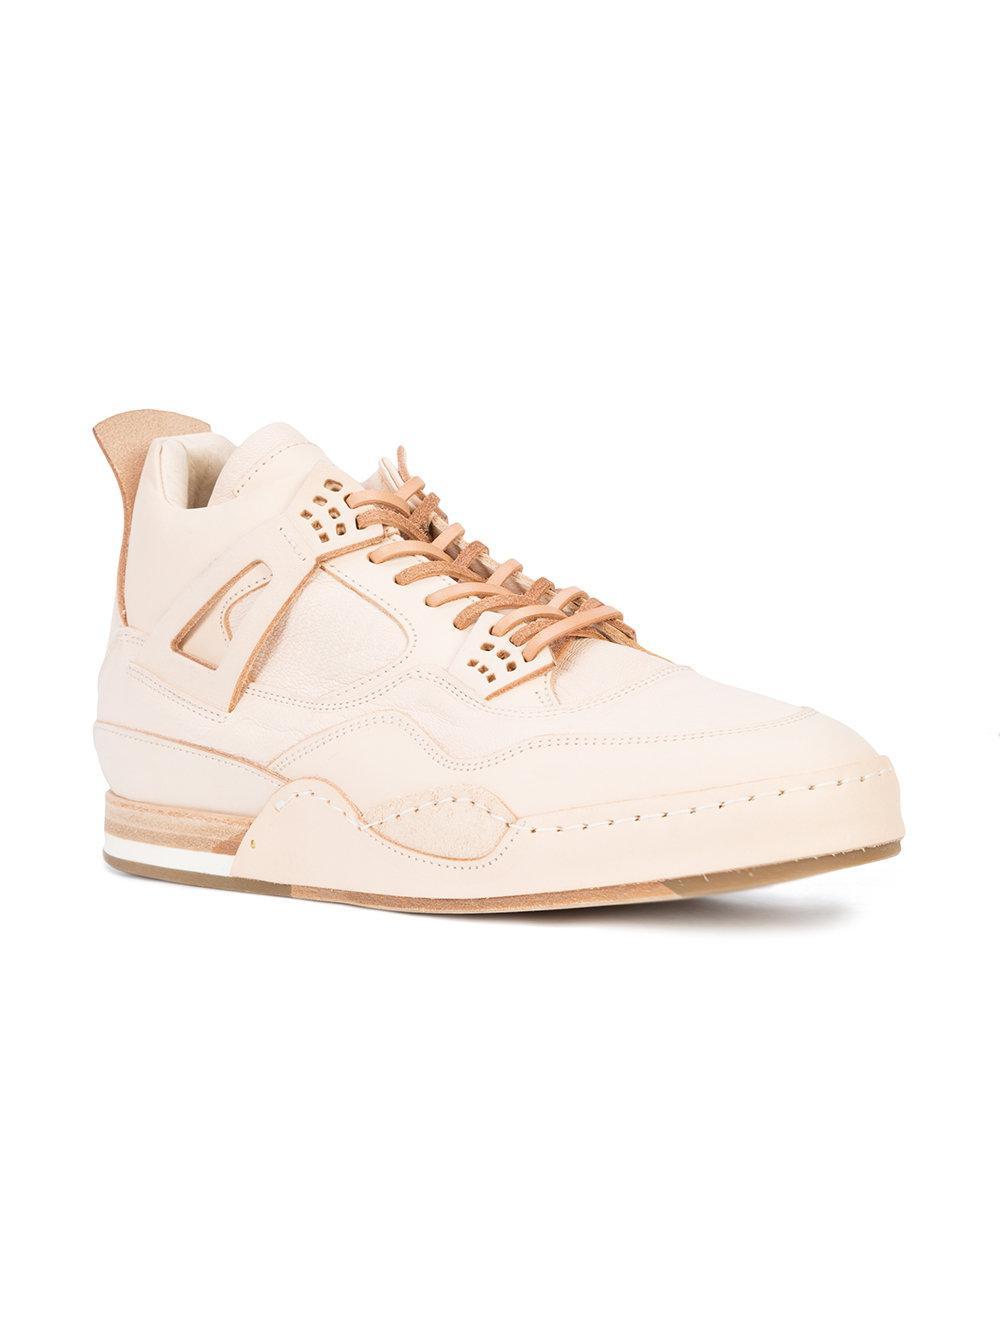 MIP-10 Leather Sneakers - Nude & Neutrals HENDER SCHEME yxcZYtxDG